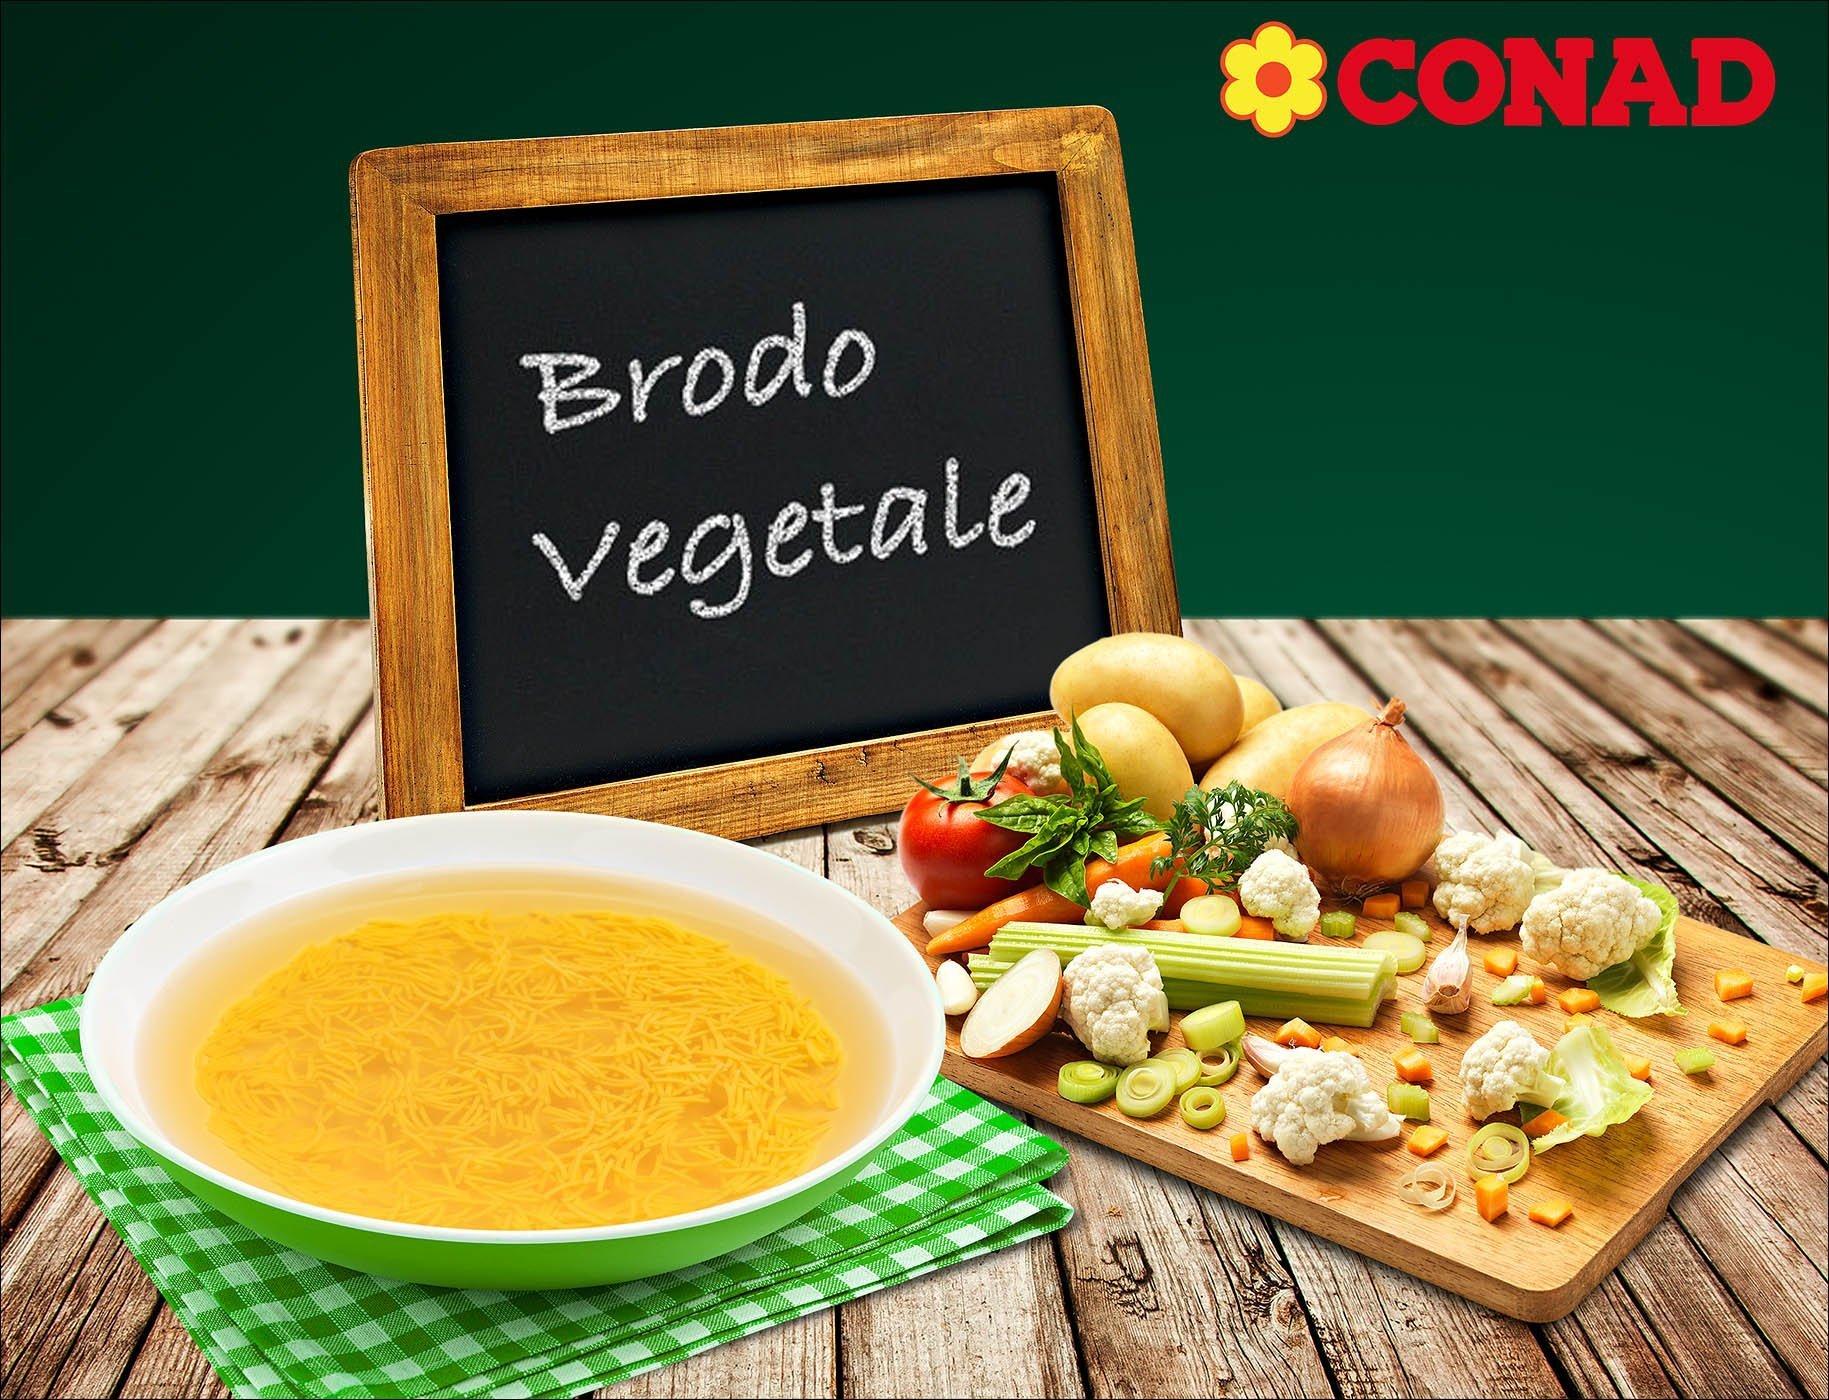 Fotografo still life brodo di vegetale Conad | Andrea Sudati Photo Studio